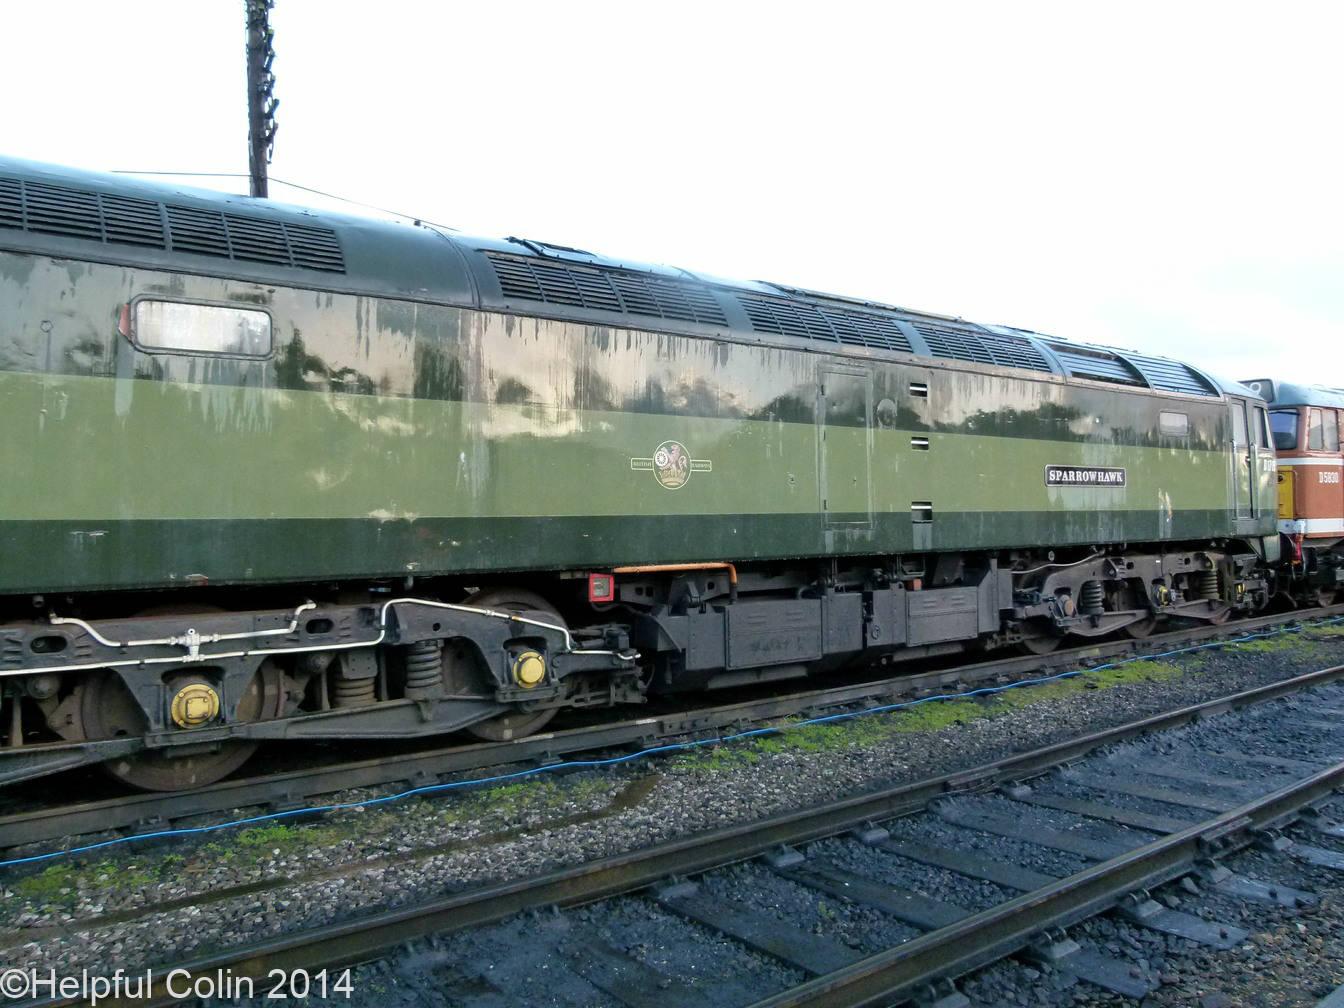 No.D1705 'Sparrowhawk' – Co-Co diesel-electric locomotive Class 47